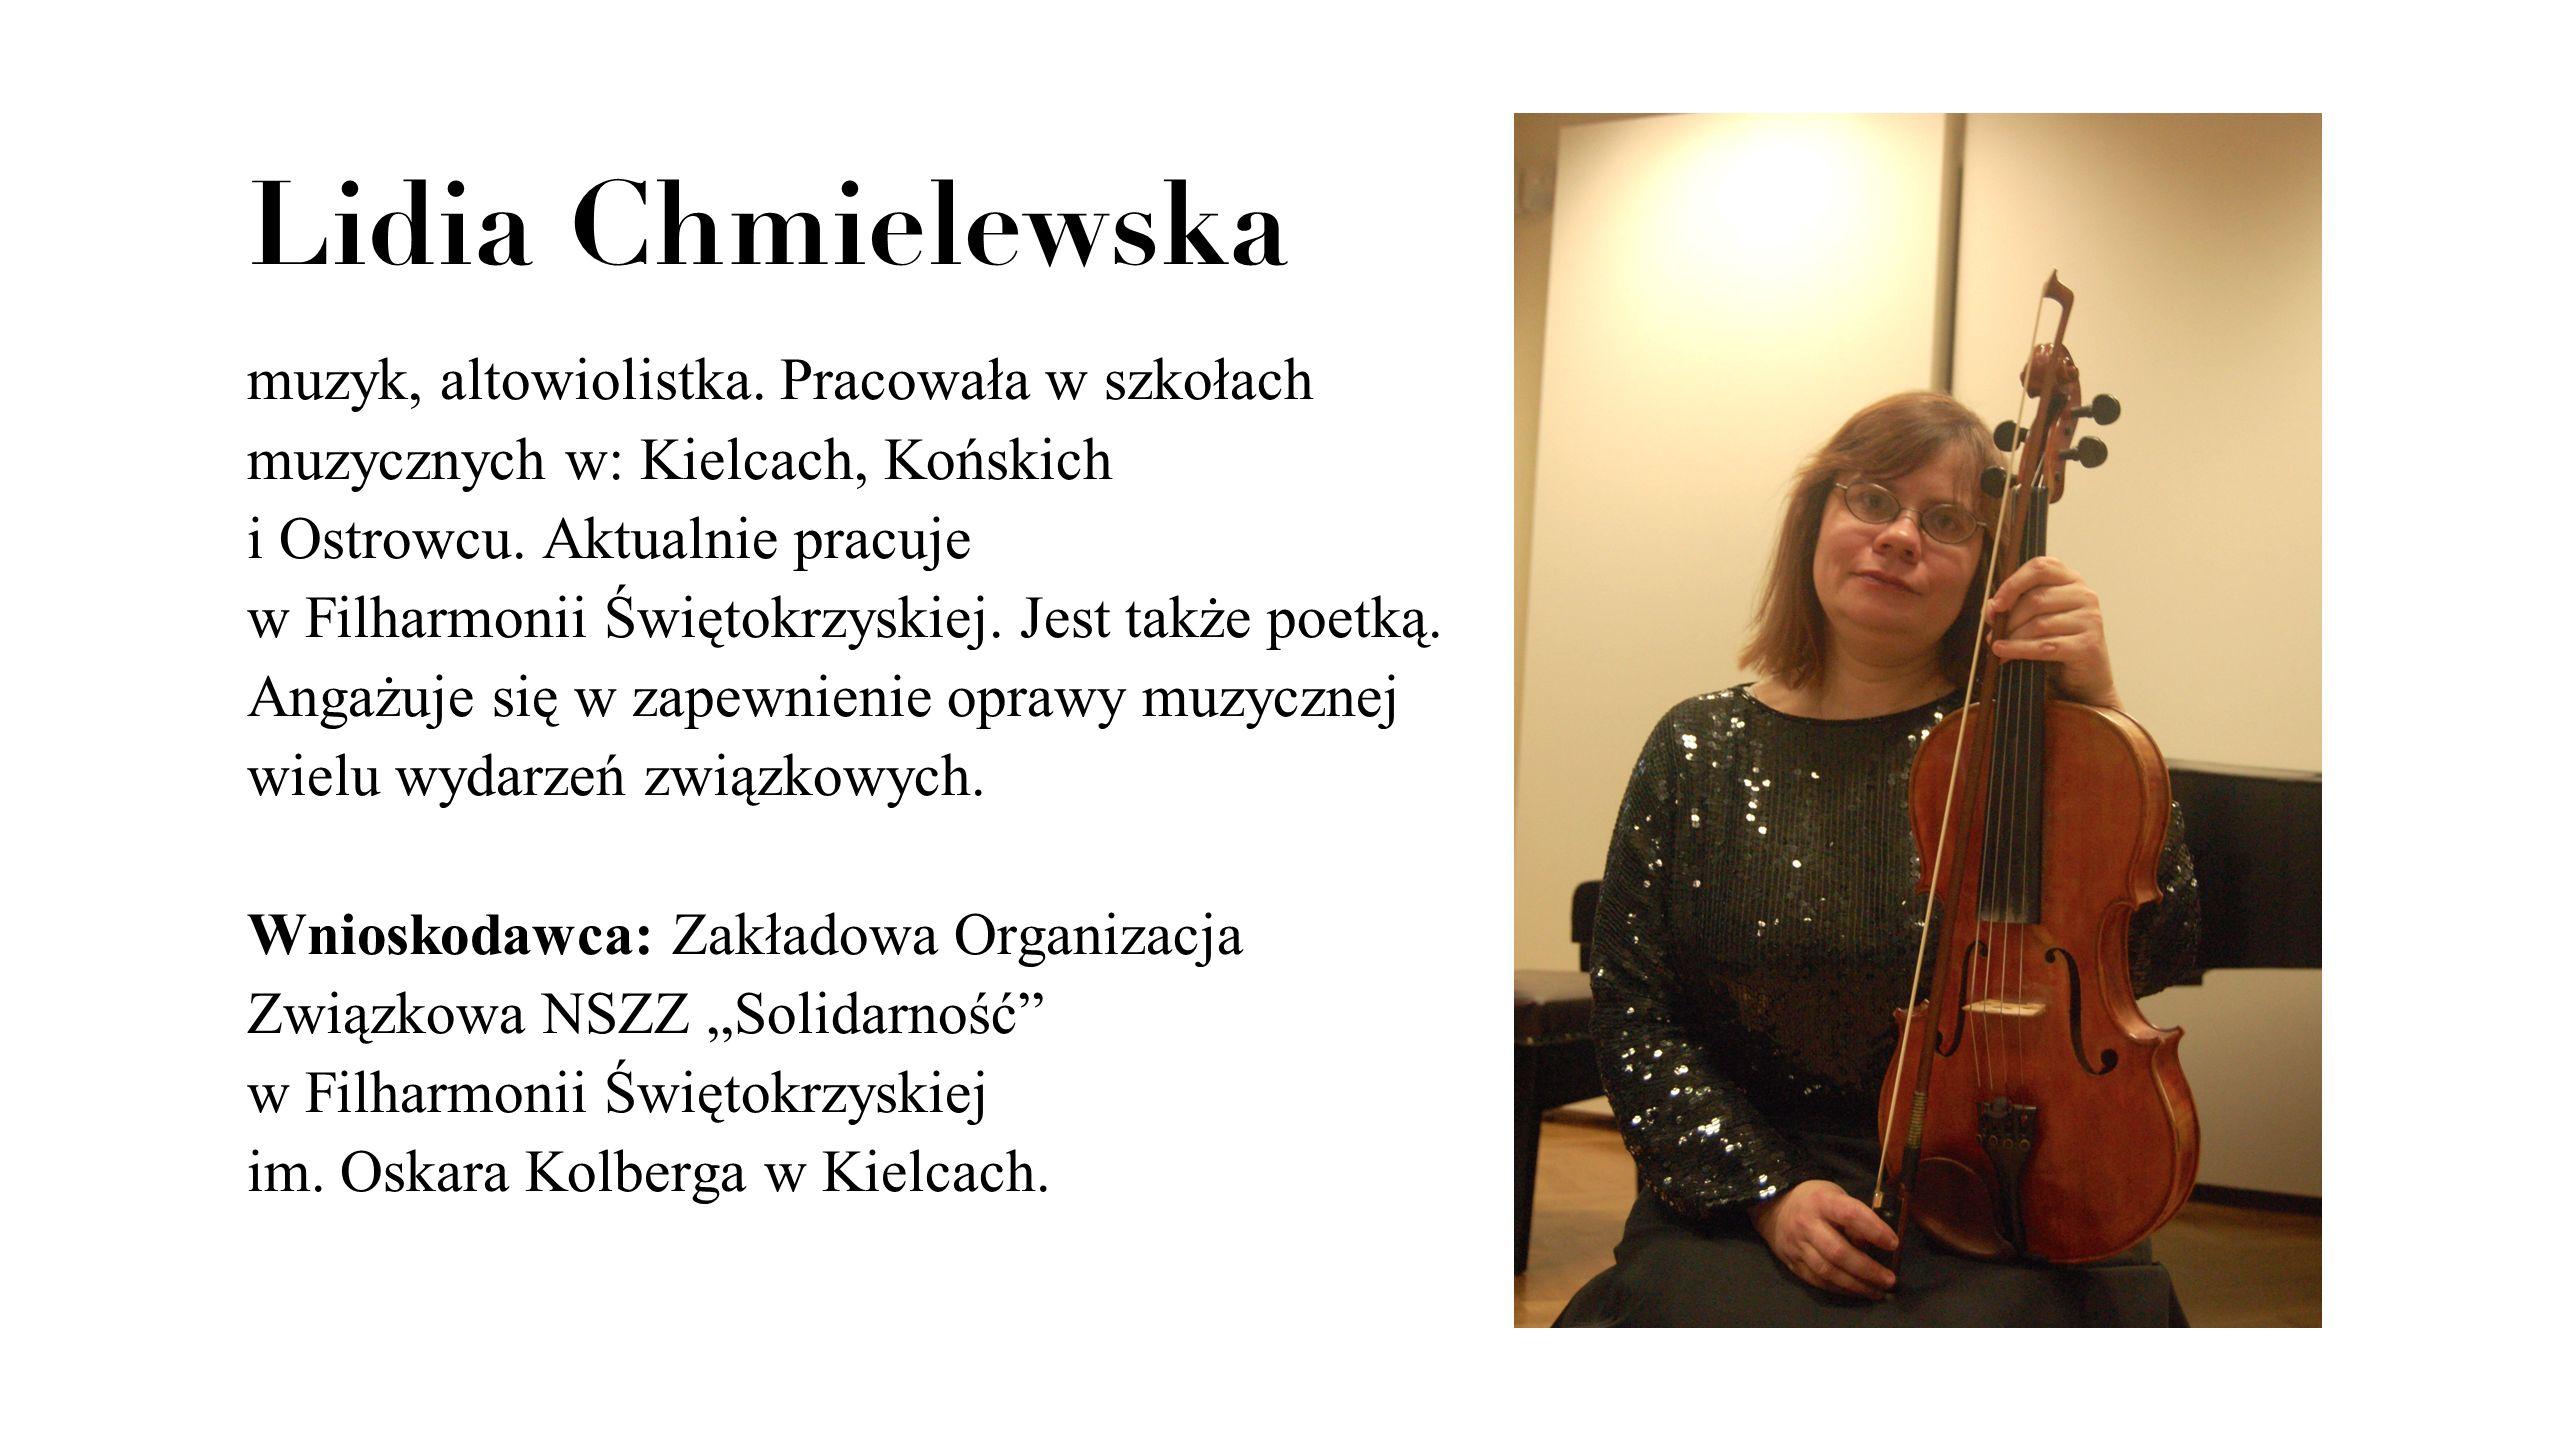 Lidia Chmielewska muzyk, altowiolistka. Pracowała w szkołach muzycznych w: Kielcach, Końskich i Ostrowcu. Aktualnie pracuje w Filharmonii Świętokrzysk